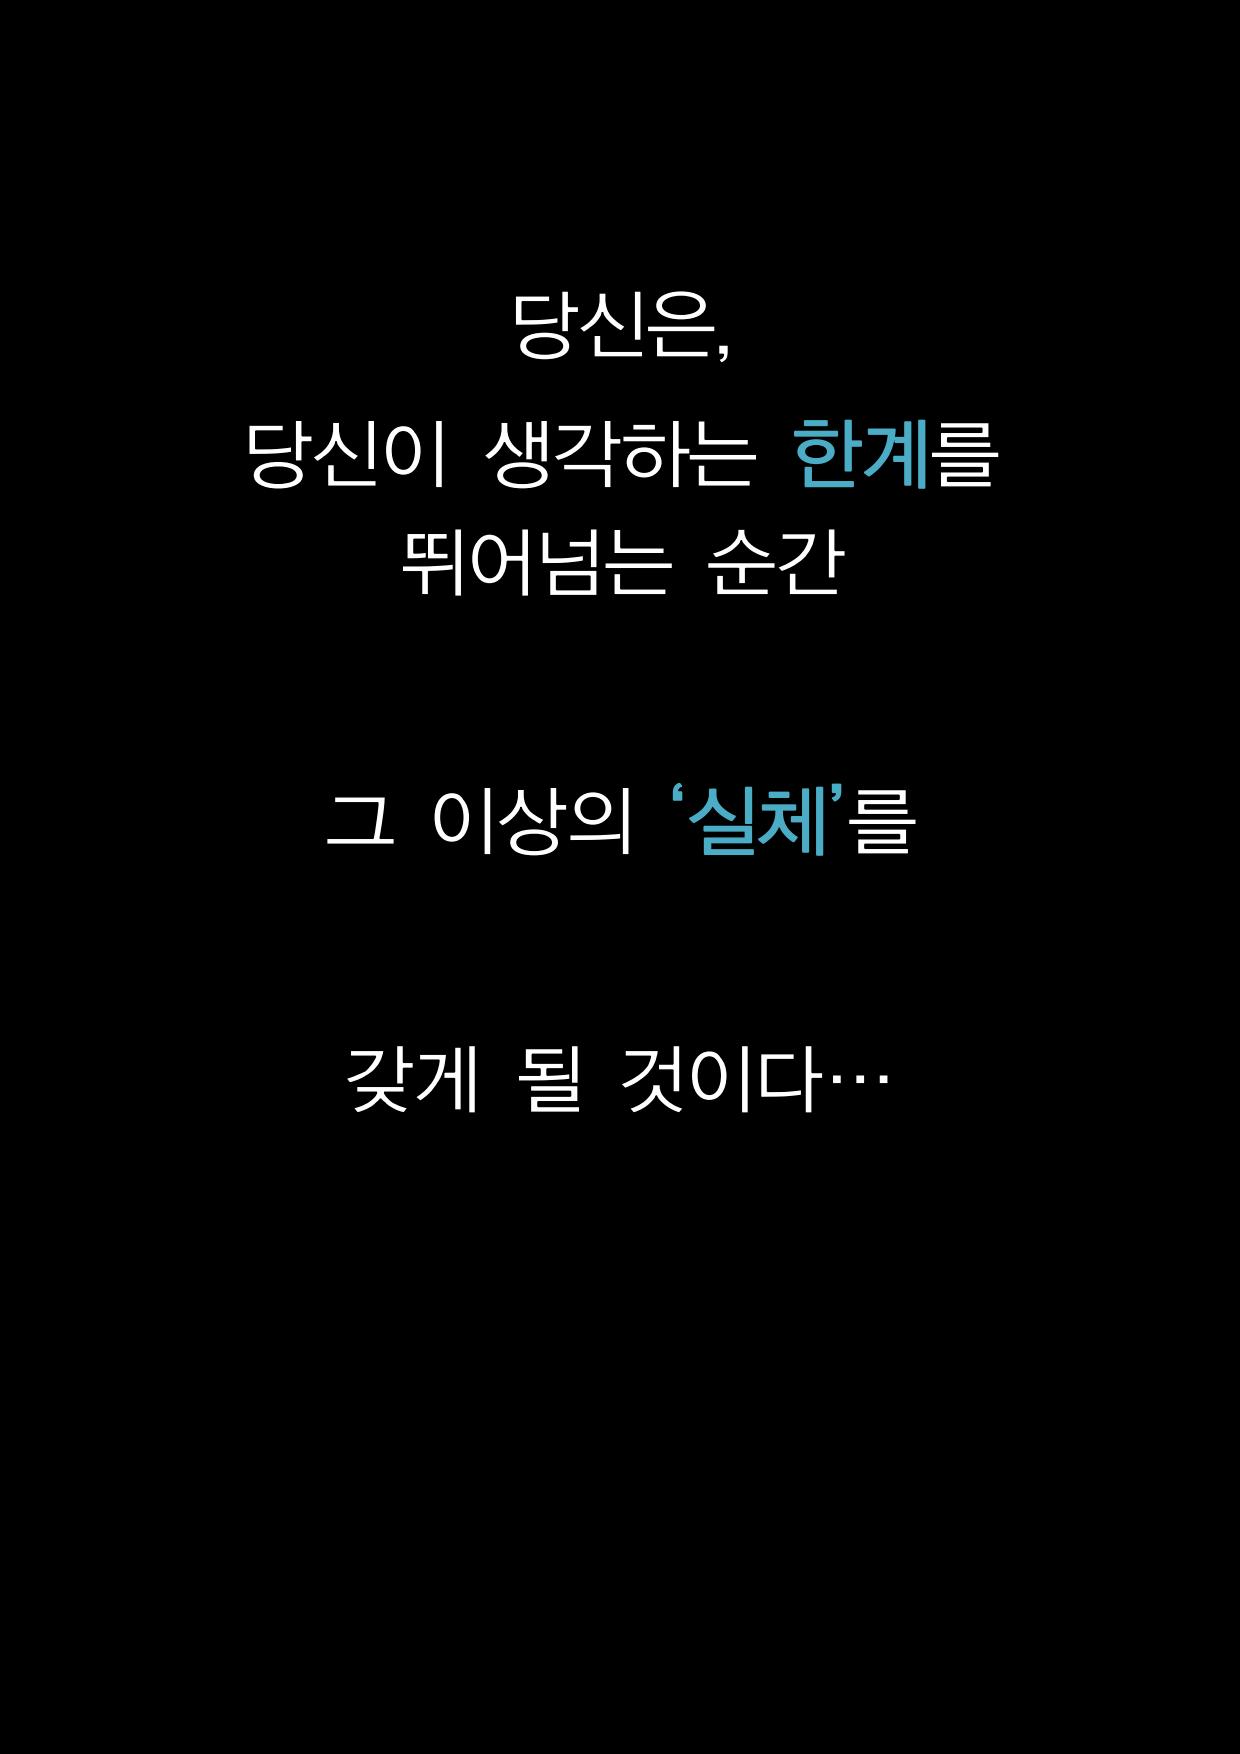 본 머티리어 1회차 홍보글 v3(수강후기 따로 편집요함)_42.png